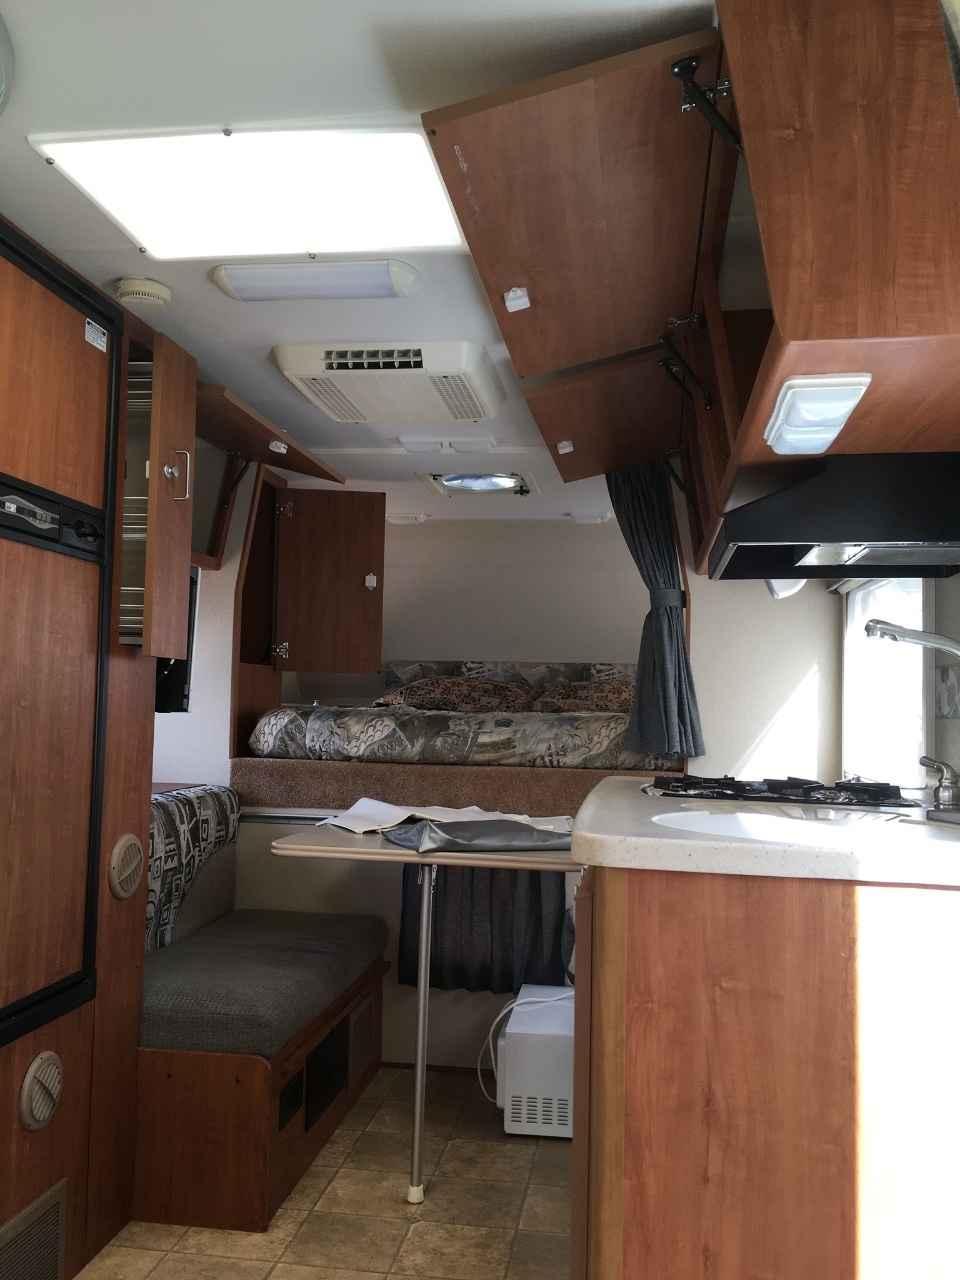 2008 Used Lance 830 Truck Camper In California Ca